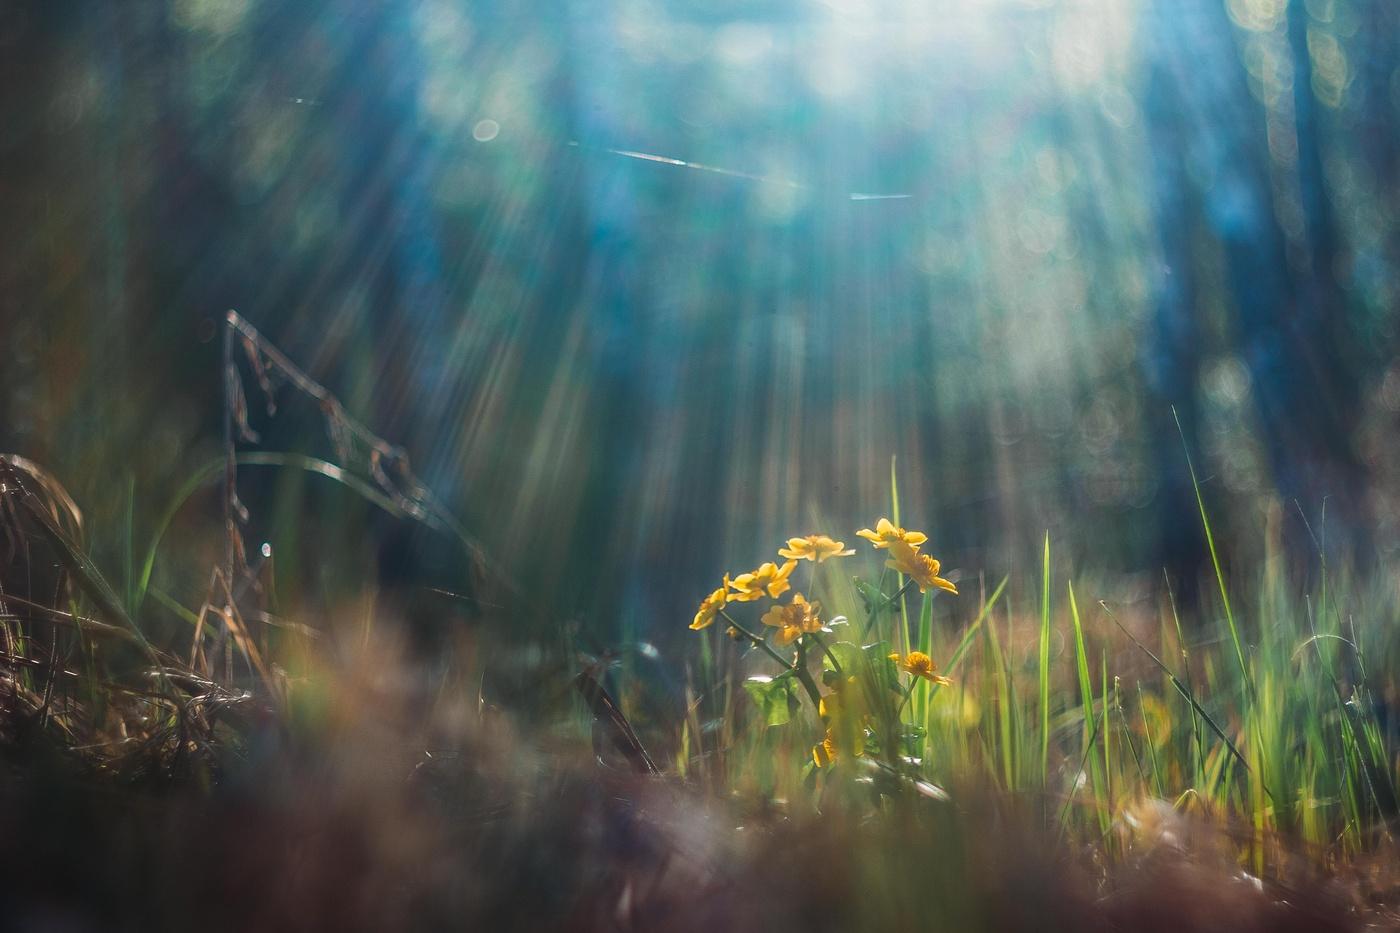 стороны лучи солнца на траве картинки применяет различные способы